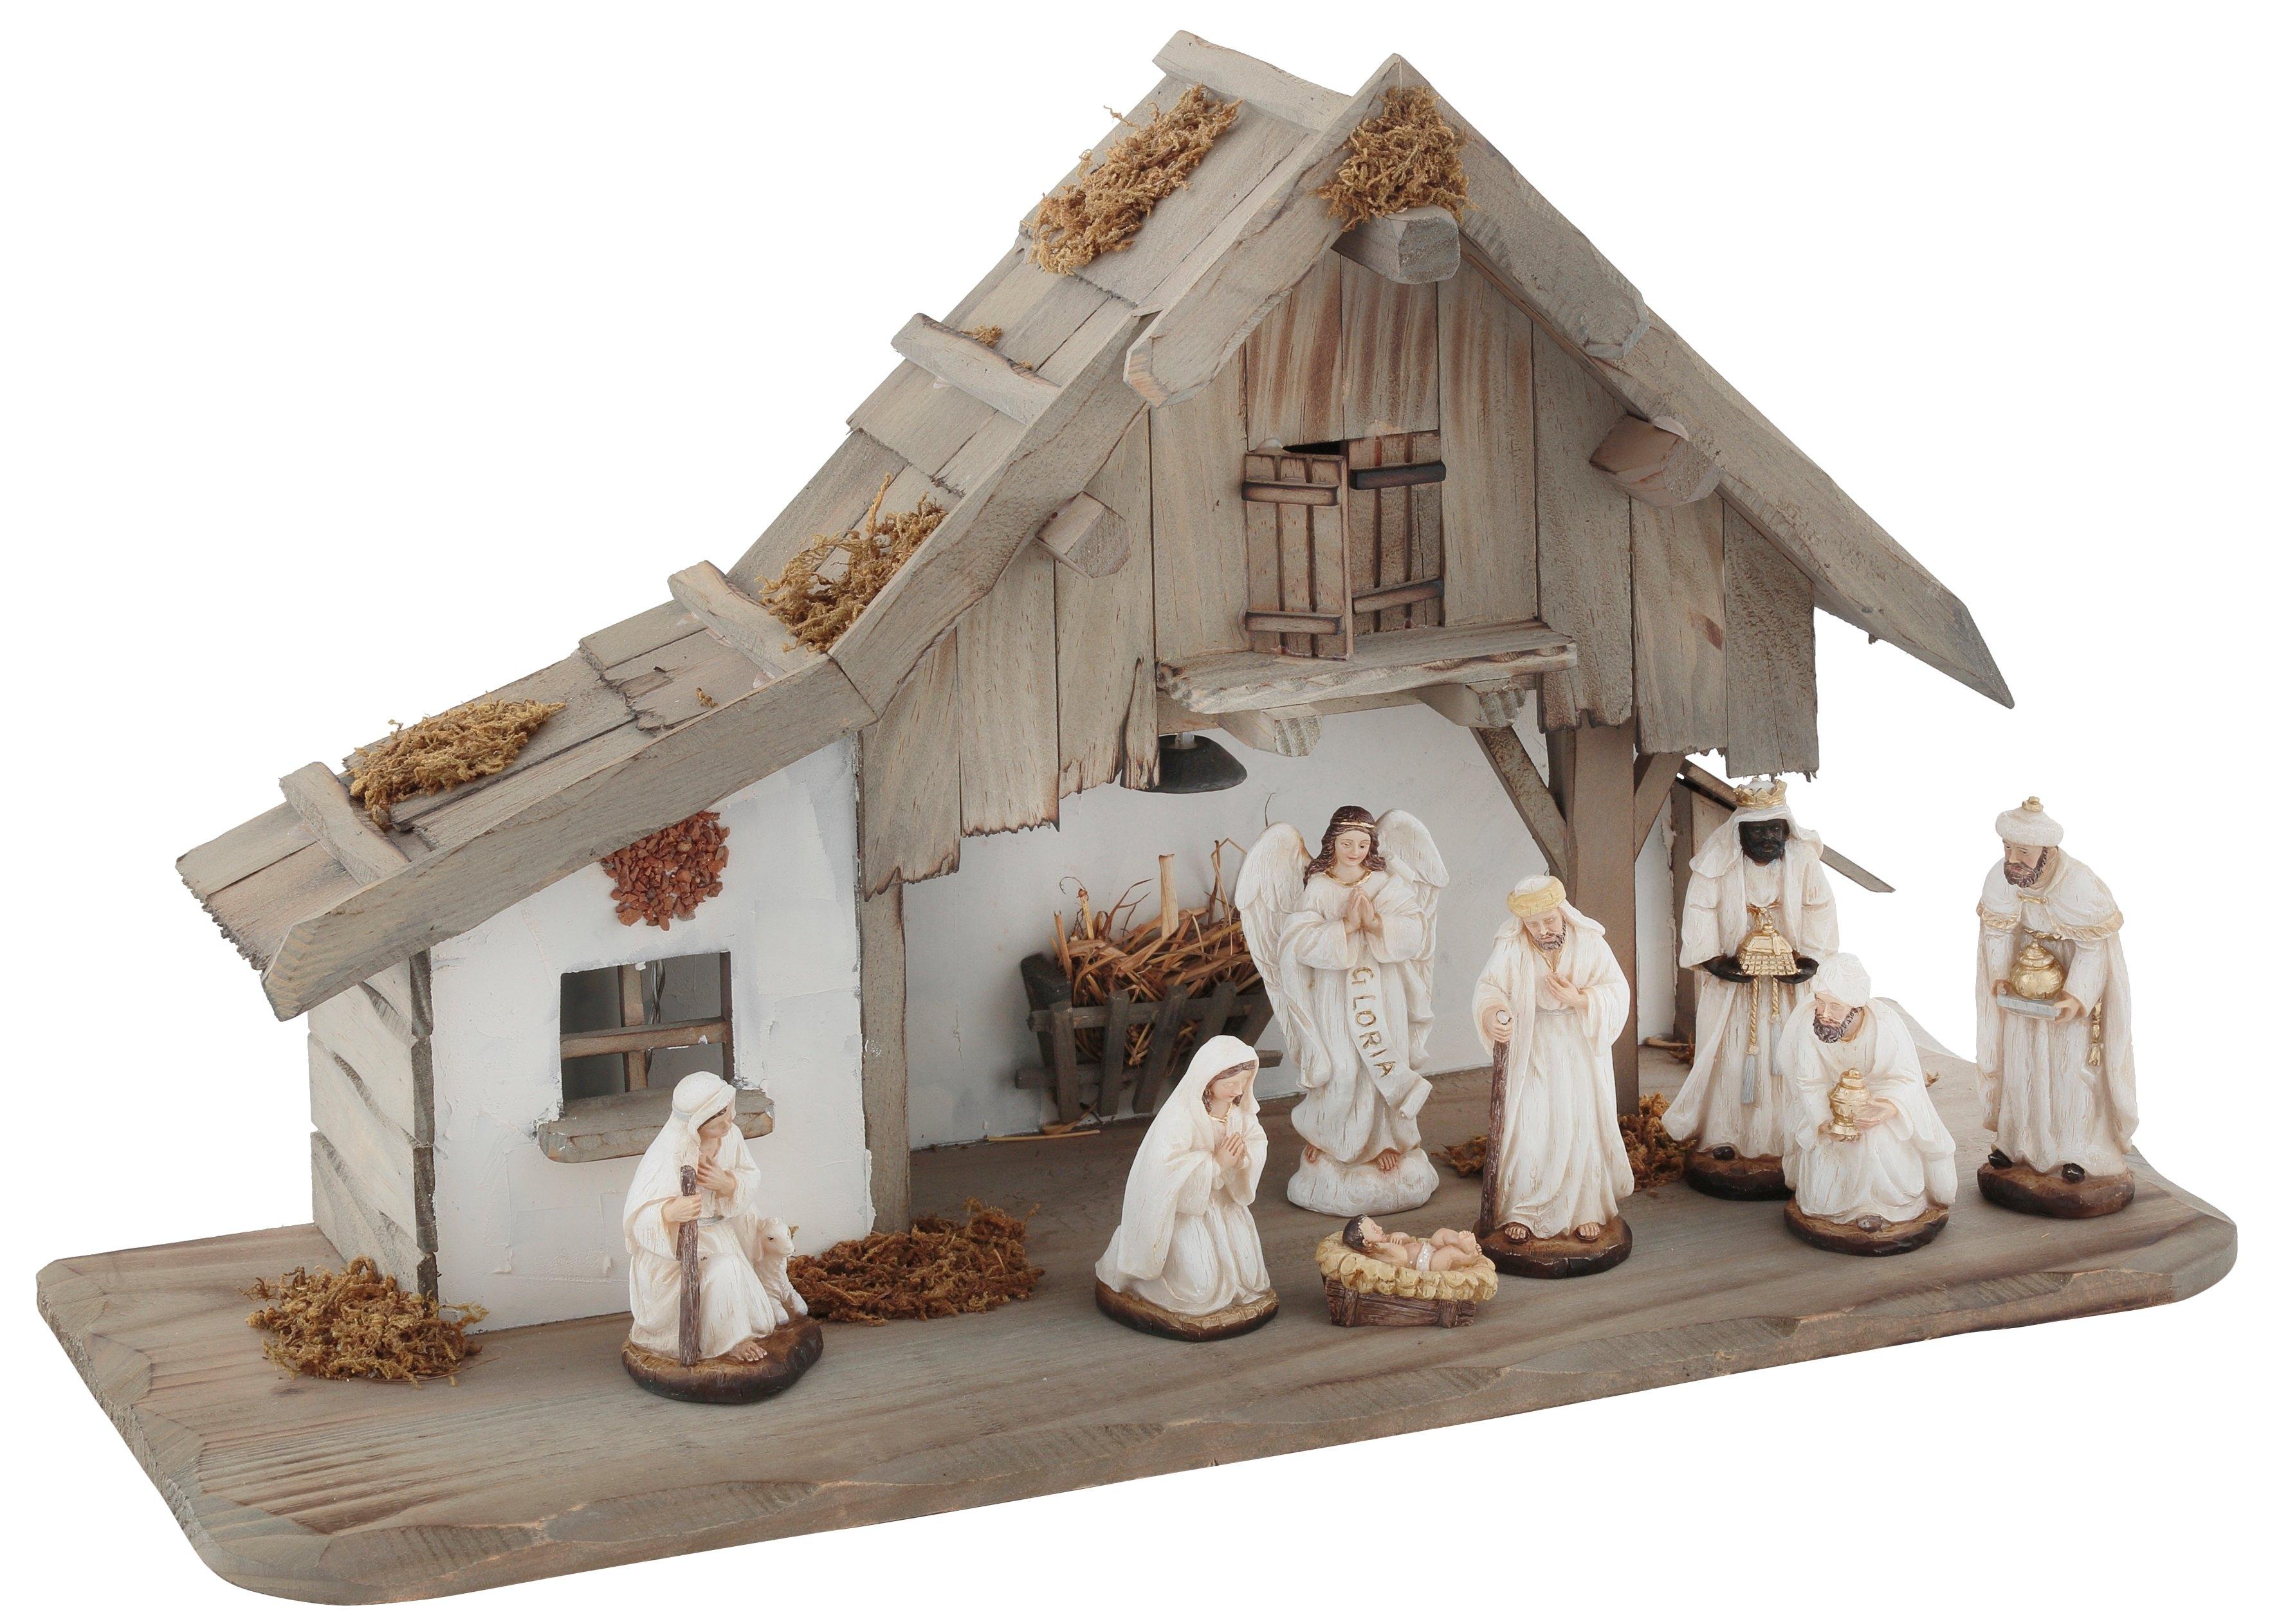 my home kribbe van hout met led-lantaarn, inclusief kerstfiguren (set, 9 delig) bij OTTO online kopen